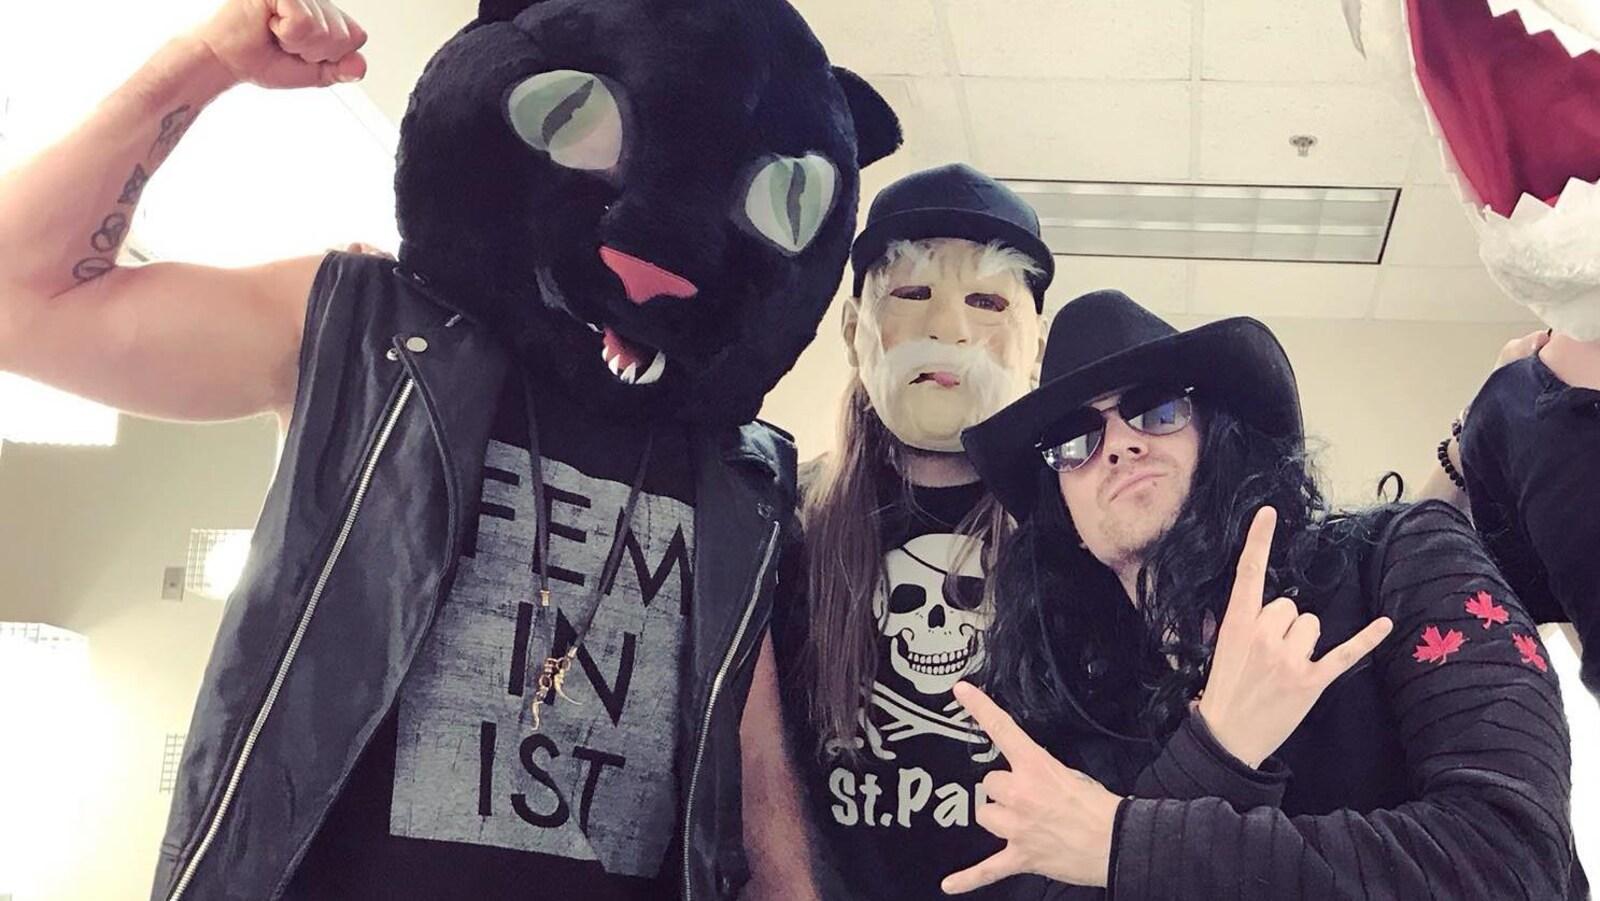 Quatre hommes costumés prennent la pause, l'un d'entre porte une tête de chat en peluche et un débardeur imprimé du mot de «feminist». Il lève le bras en serrant le poing.